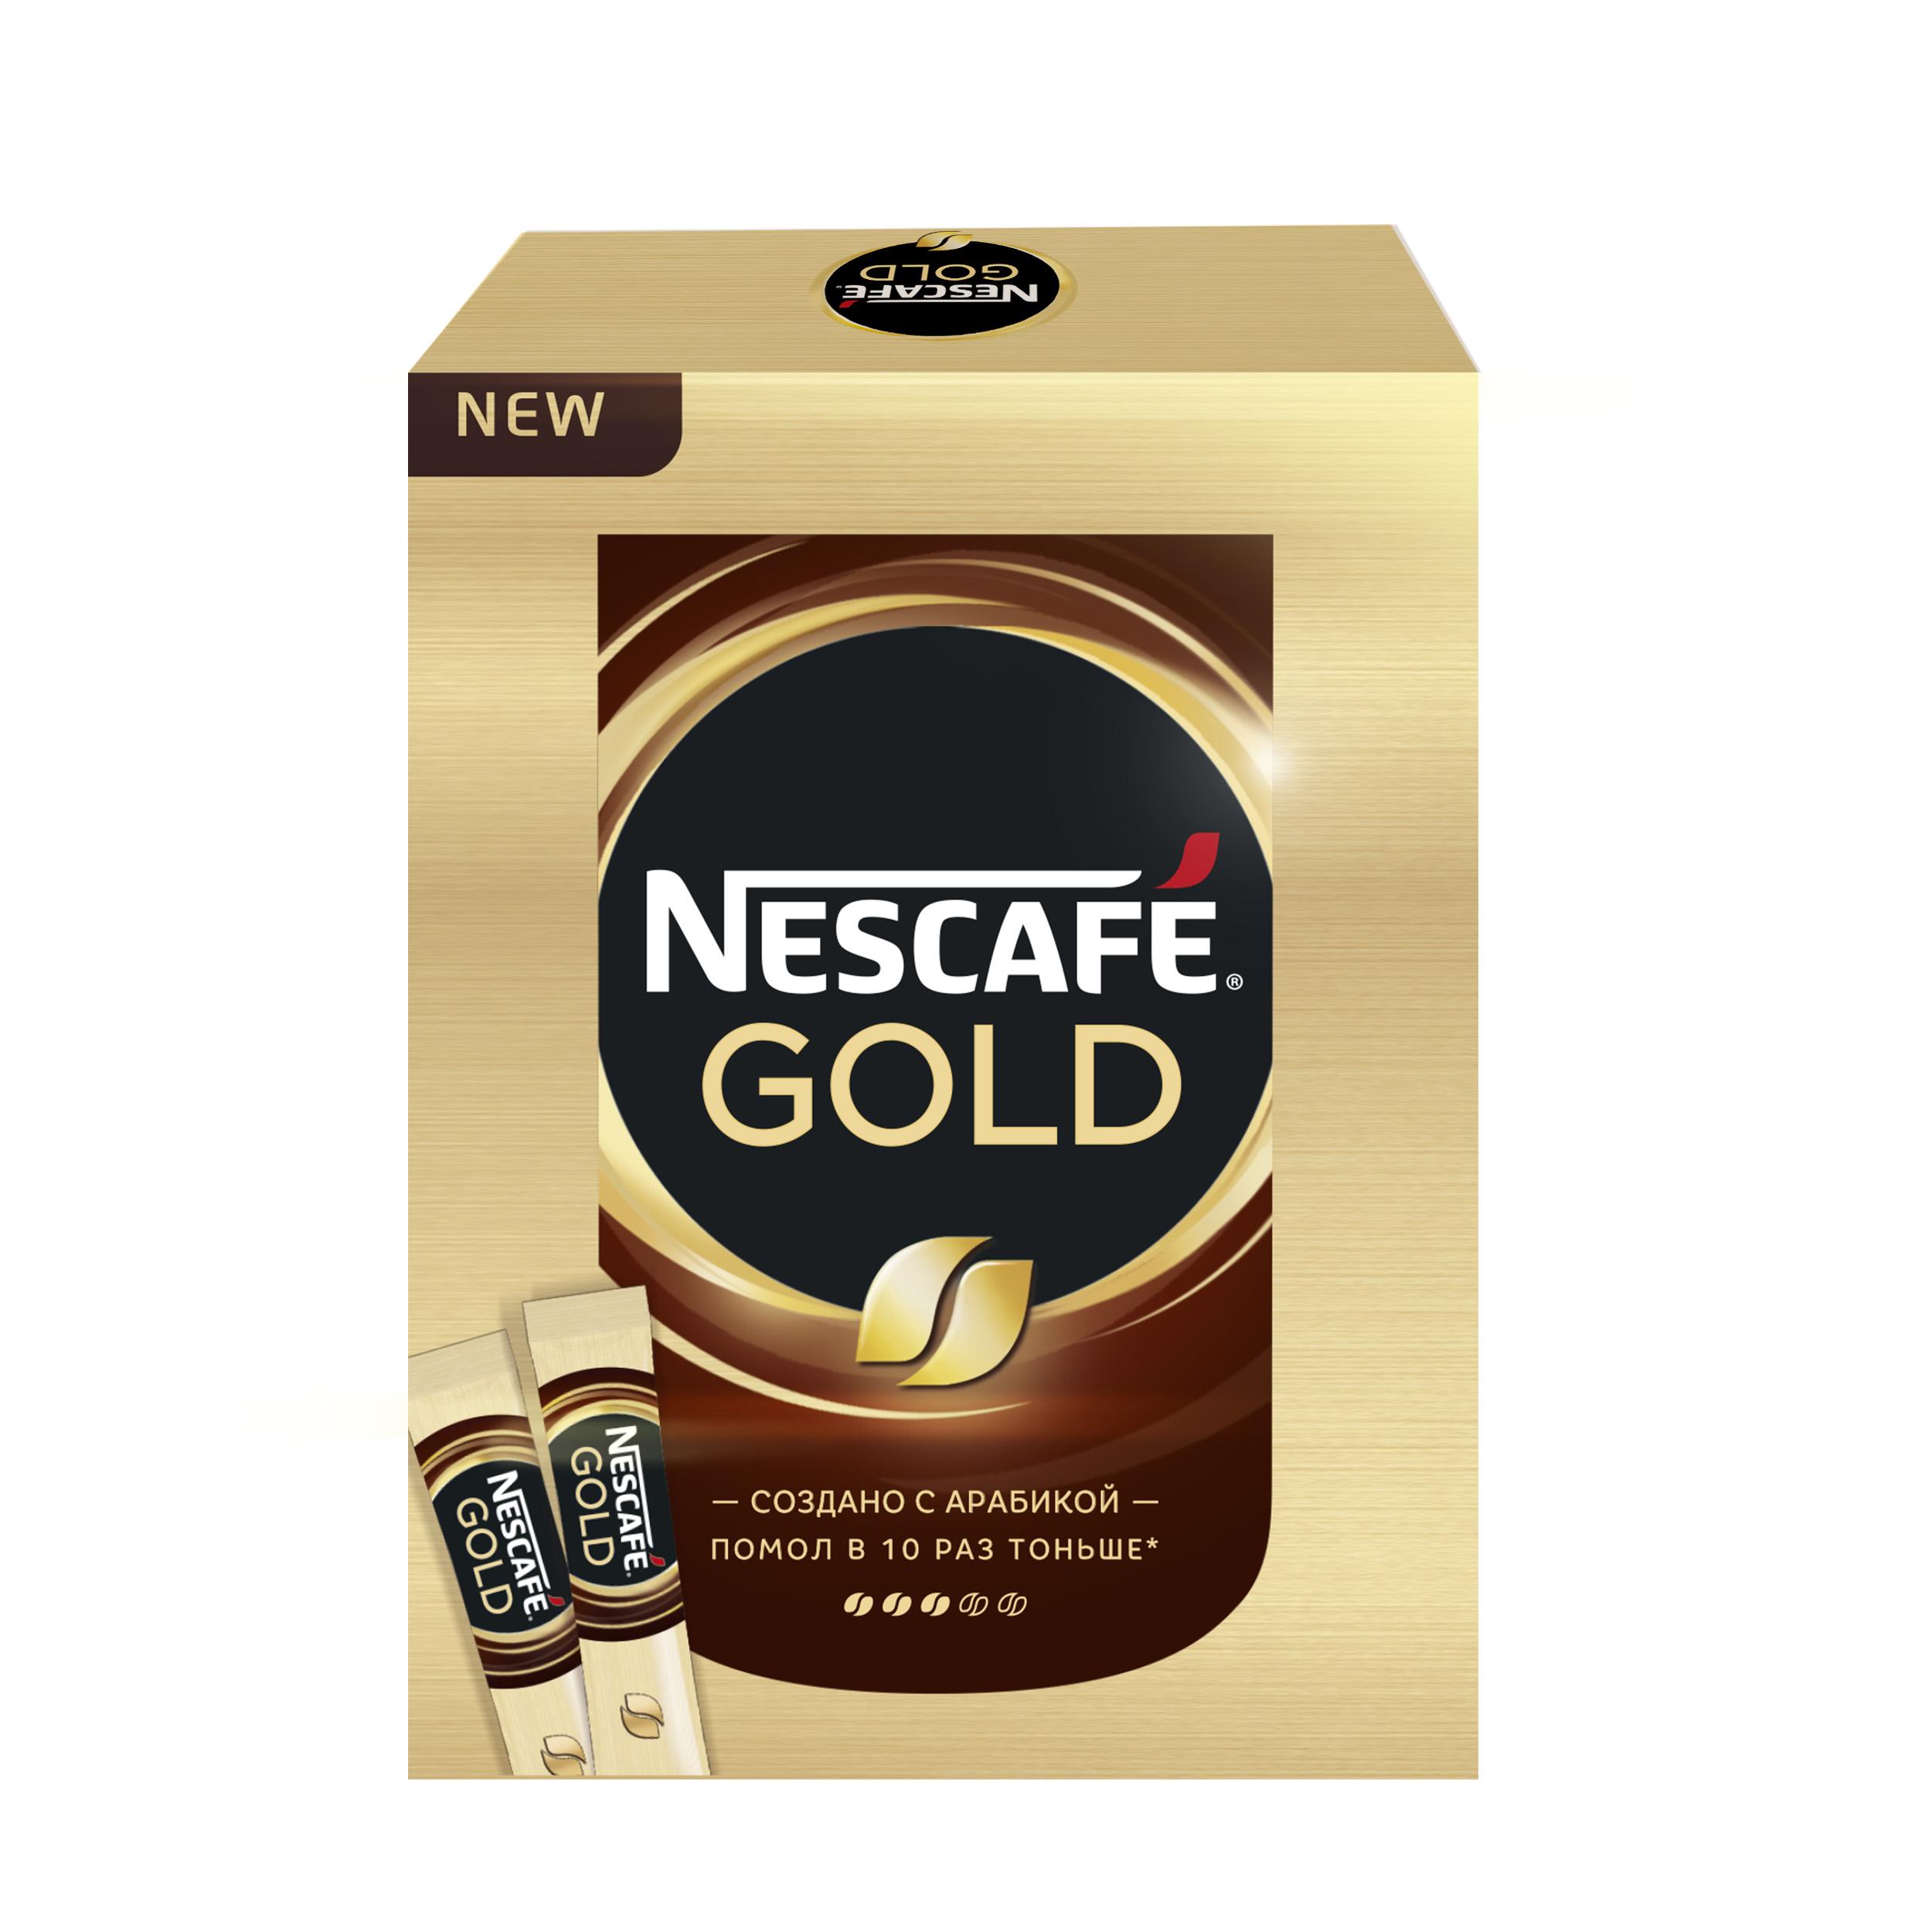 Кофе растворимый Nescafe gold натуральный сублимированный 2 г 30 пакетиков